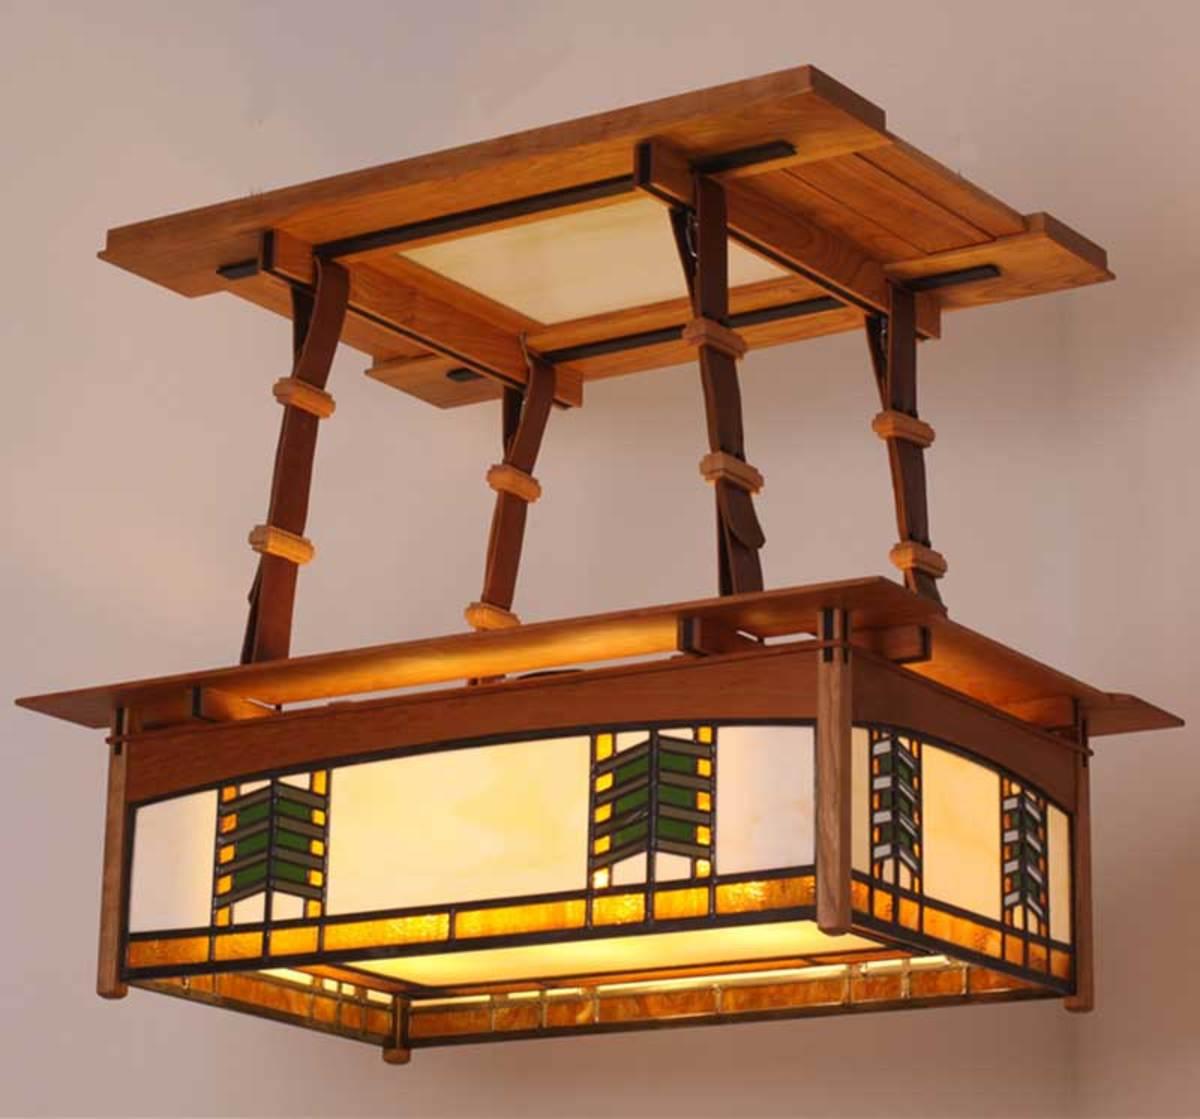 Kevin Rodel's 'Prairie Light Box'